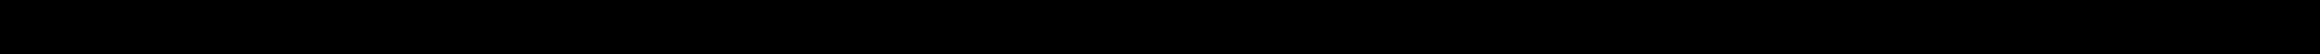 BEHR THERMOT-TRONIK 72403927, 04911831, 7421705453, 20915095, 21033829 Termostaatti, jäähdytysneste